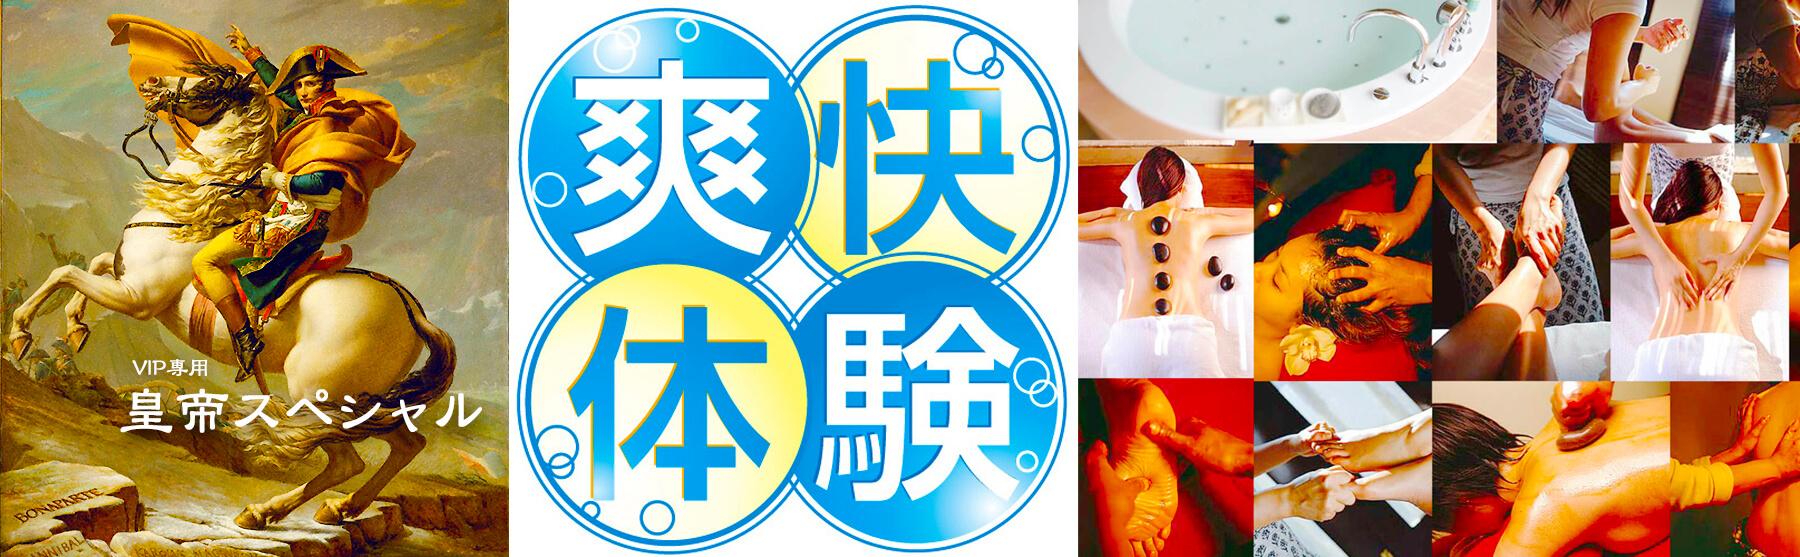 大阪(梅田・難波・谷町九丁目)の出張マッサージ委員会